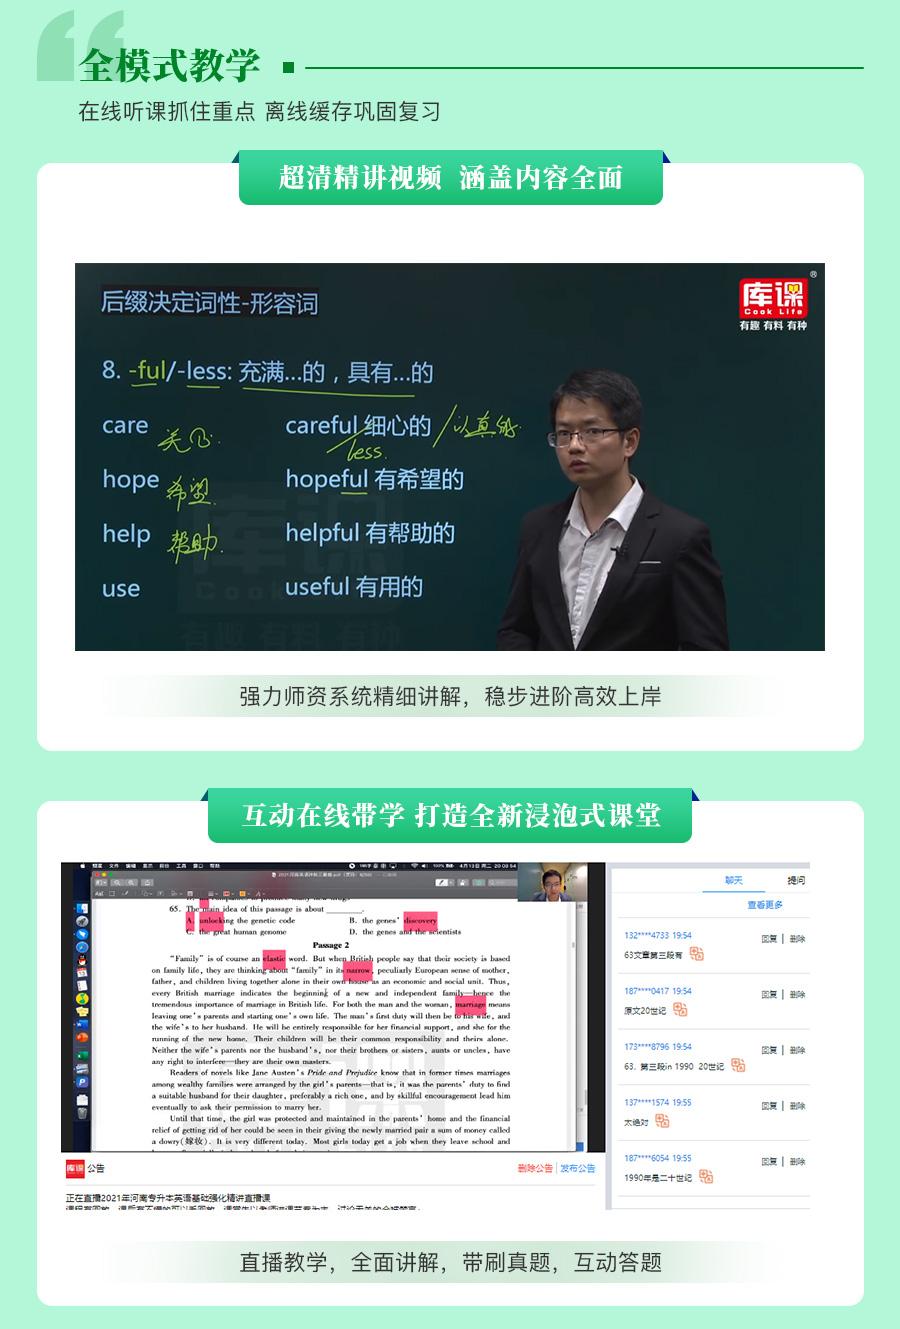 河南-vip-英语+生理病理解剖学_04.jpg